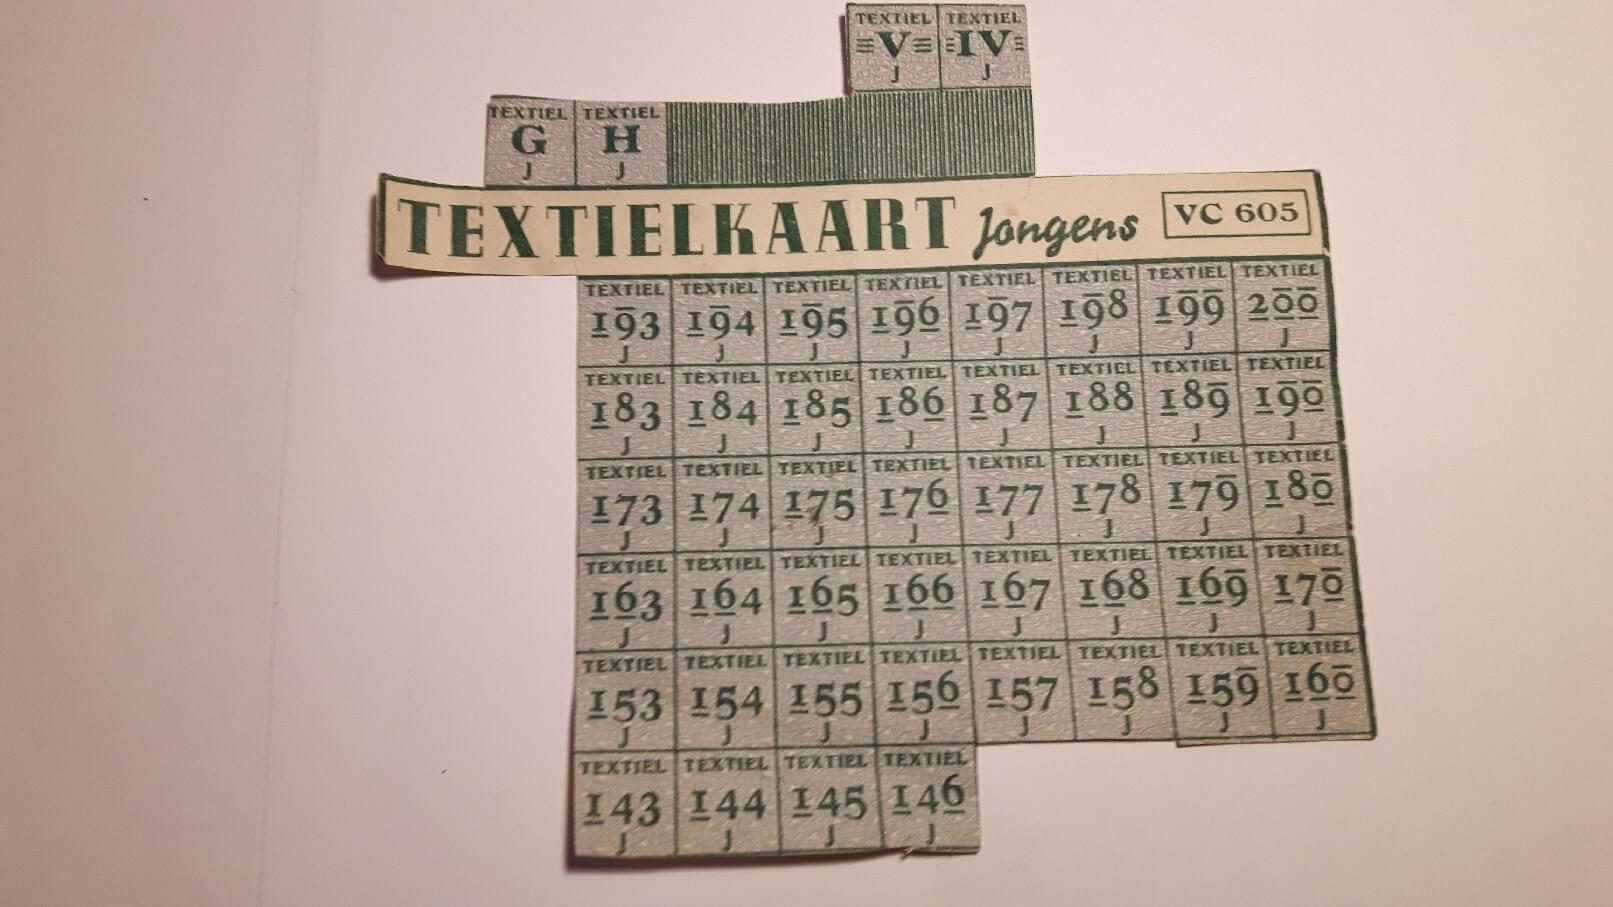 textielkaart jongens tweede wereldoorlog